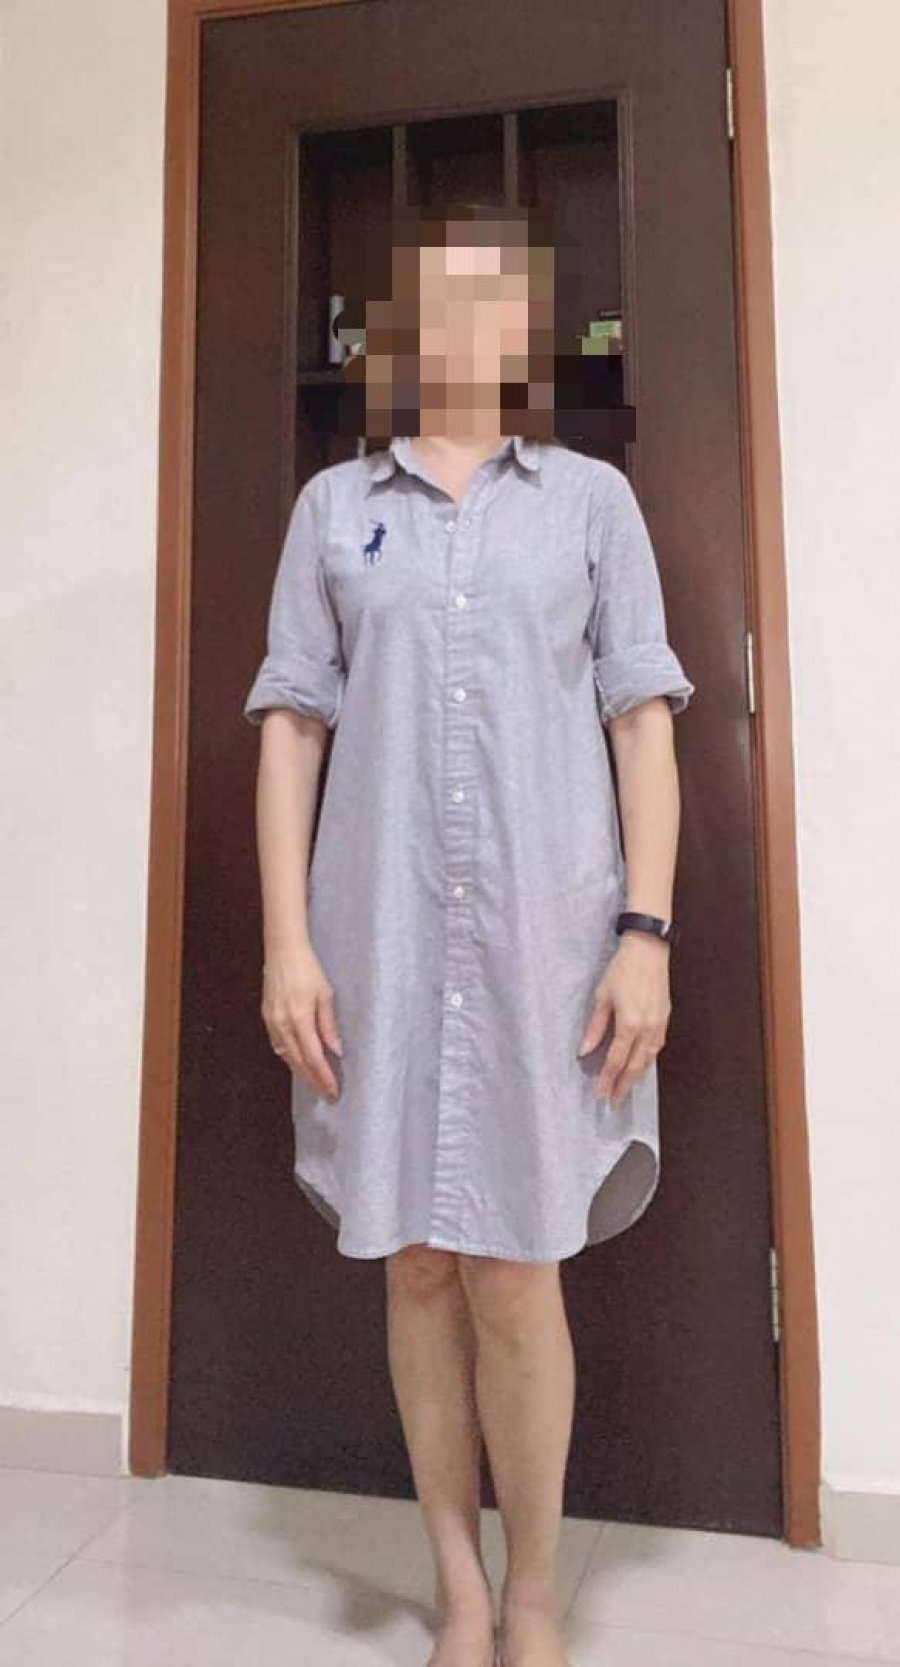 妇女穿过膝连身裙 二度被拒入政府部门